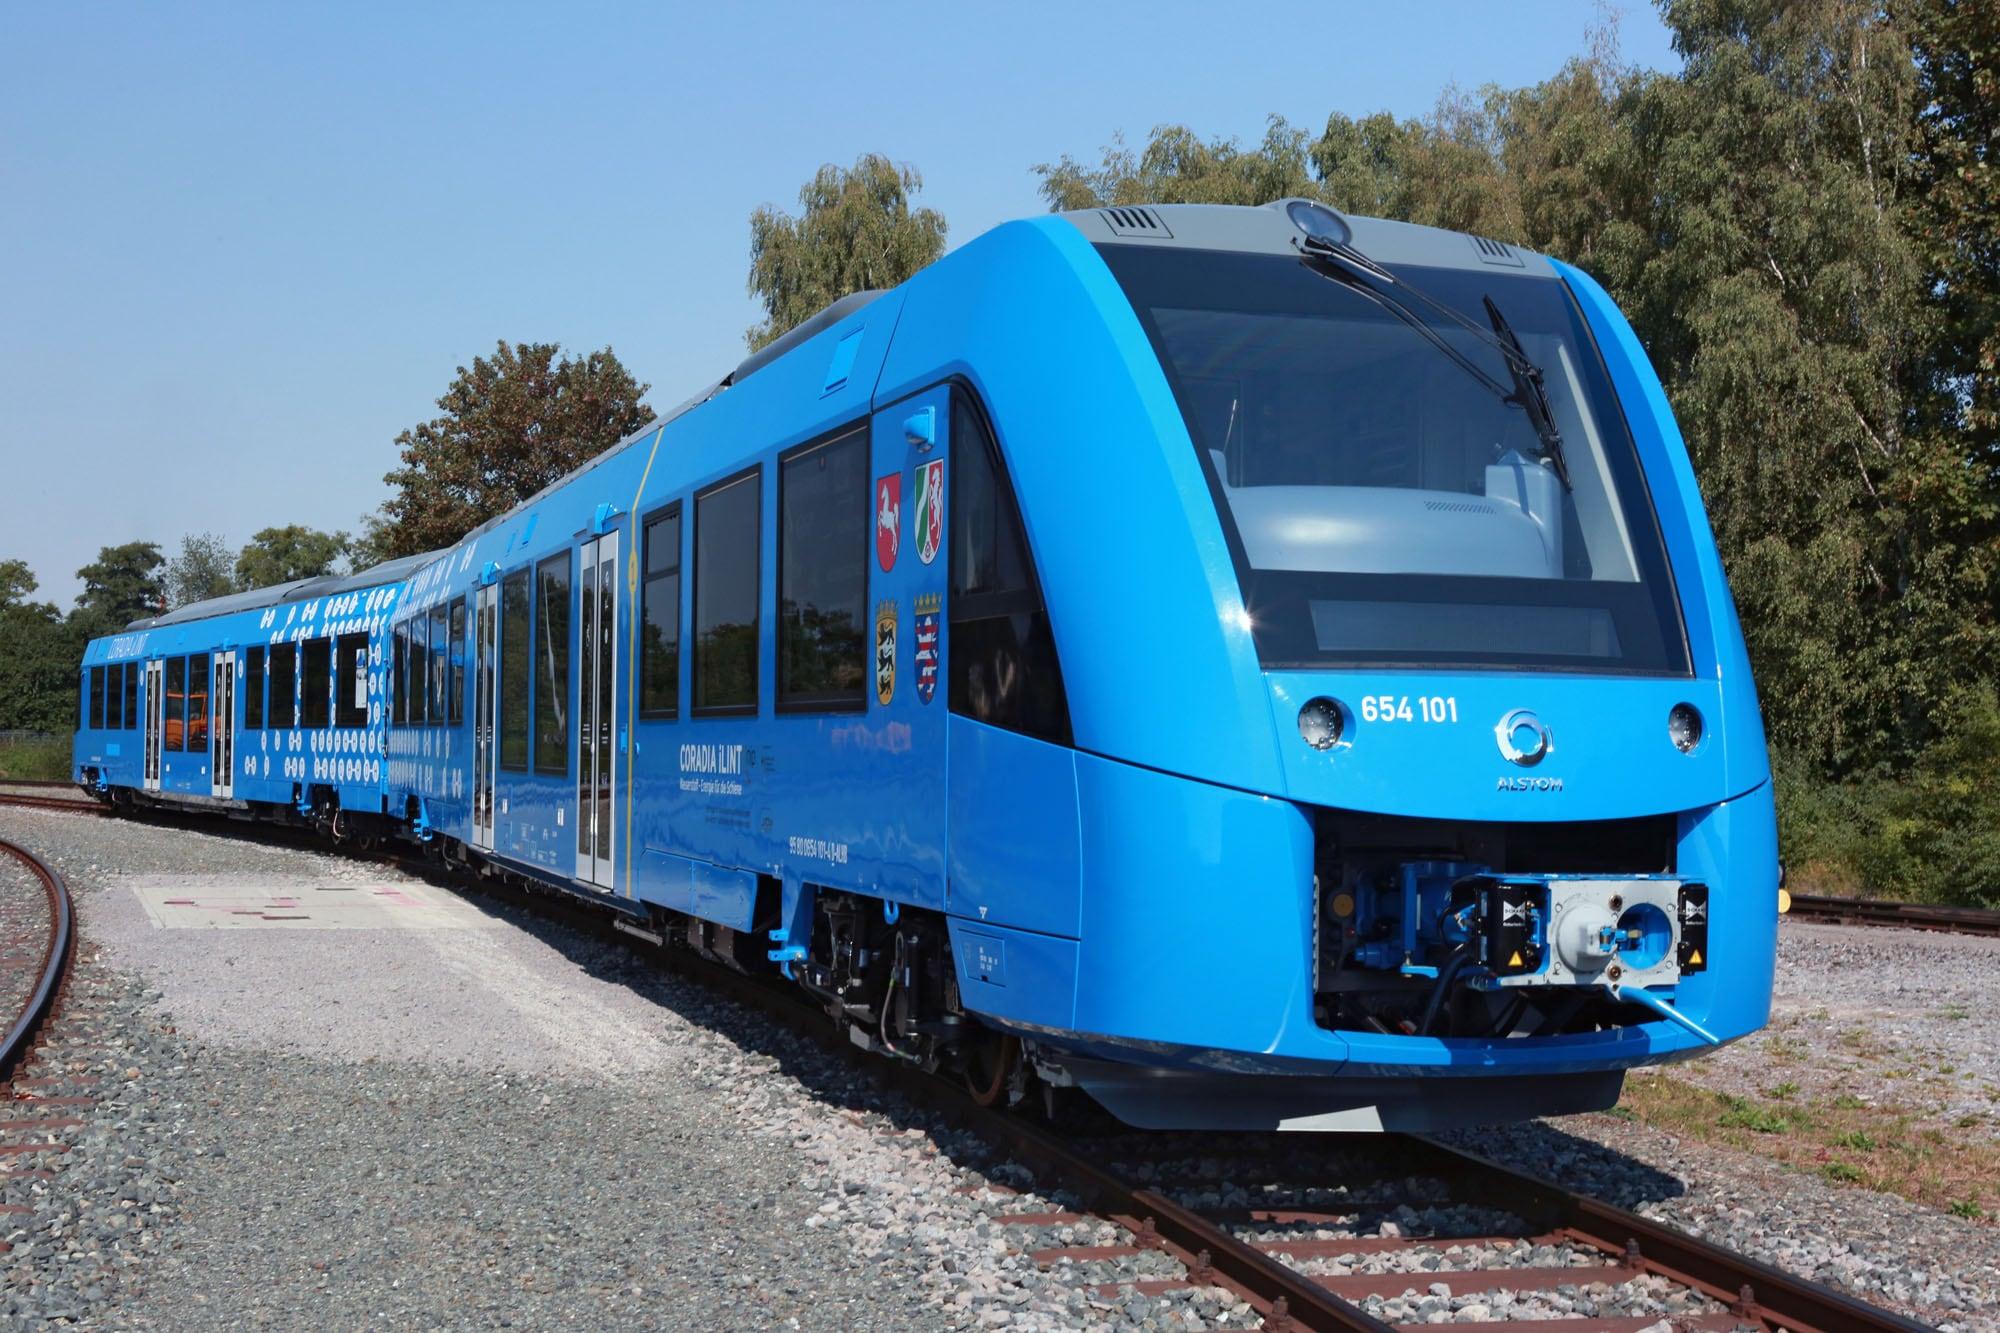 Coradia iLint, è a idrogeno il treno a vapore ecologico